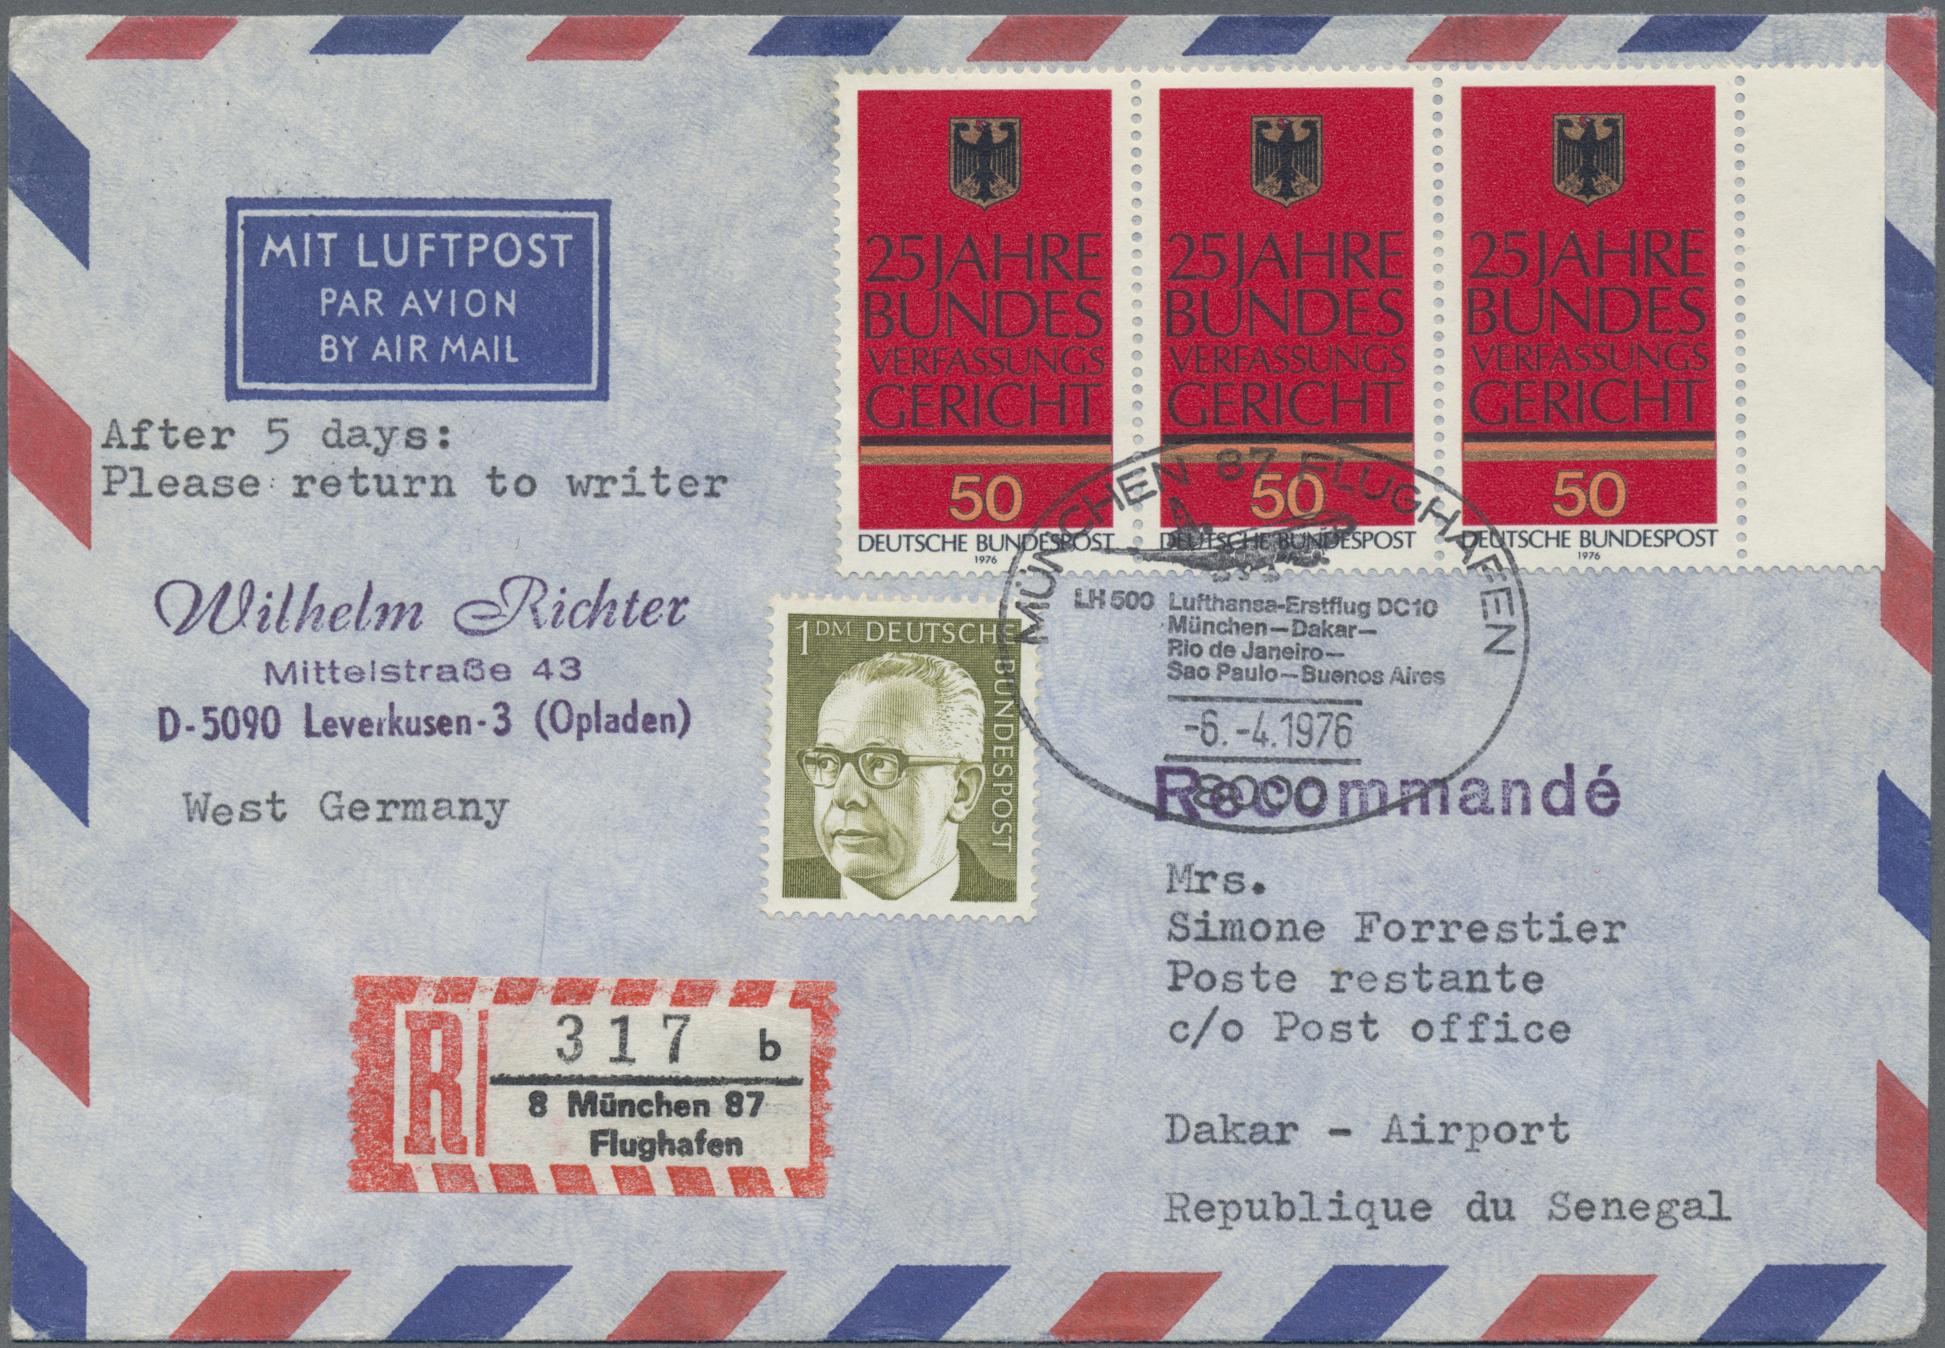 Lot 29566 - bundesrepublik deutschland  -  Auktionshaus Christoph Gärtner GmbH & Co. KG Sale #46 Gollcetions Germany - including the suplement